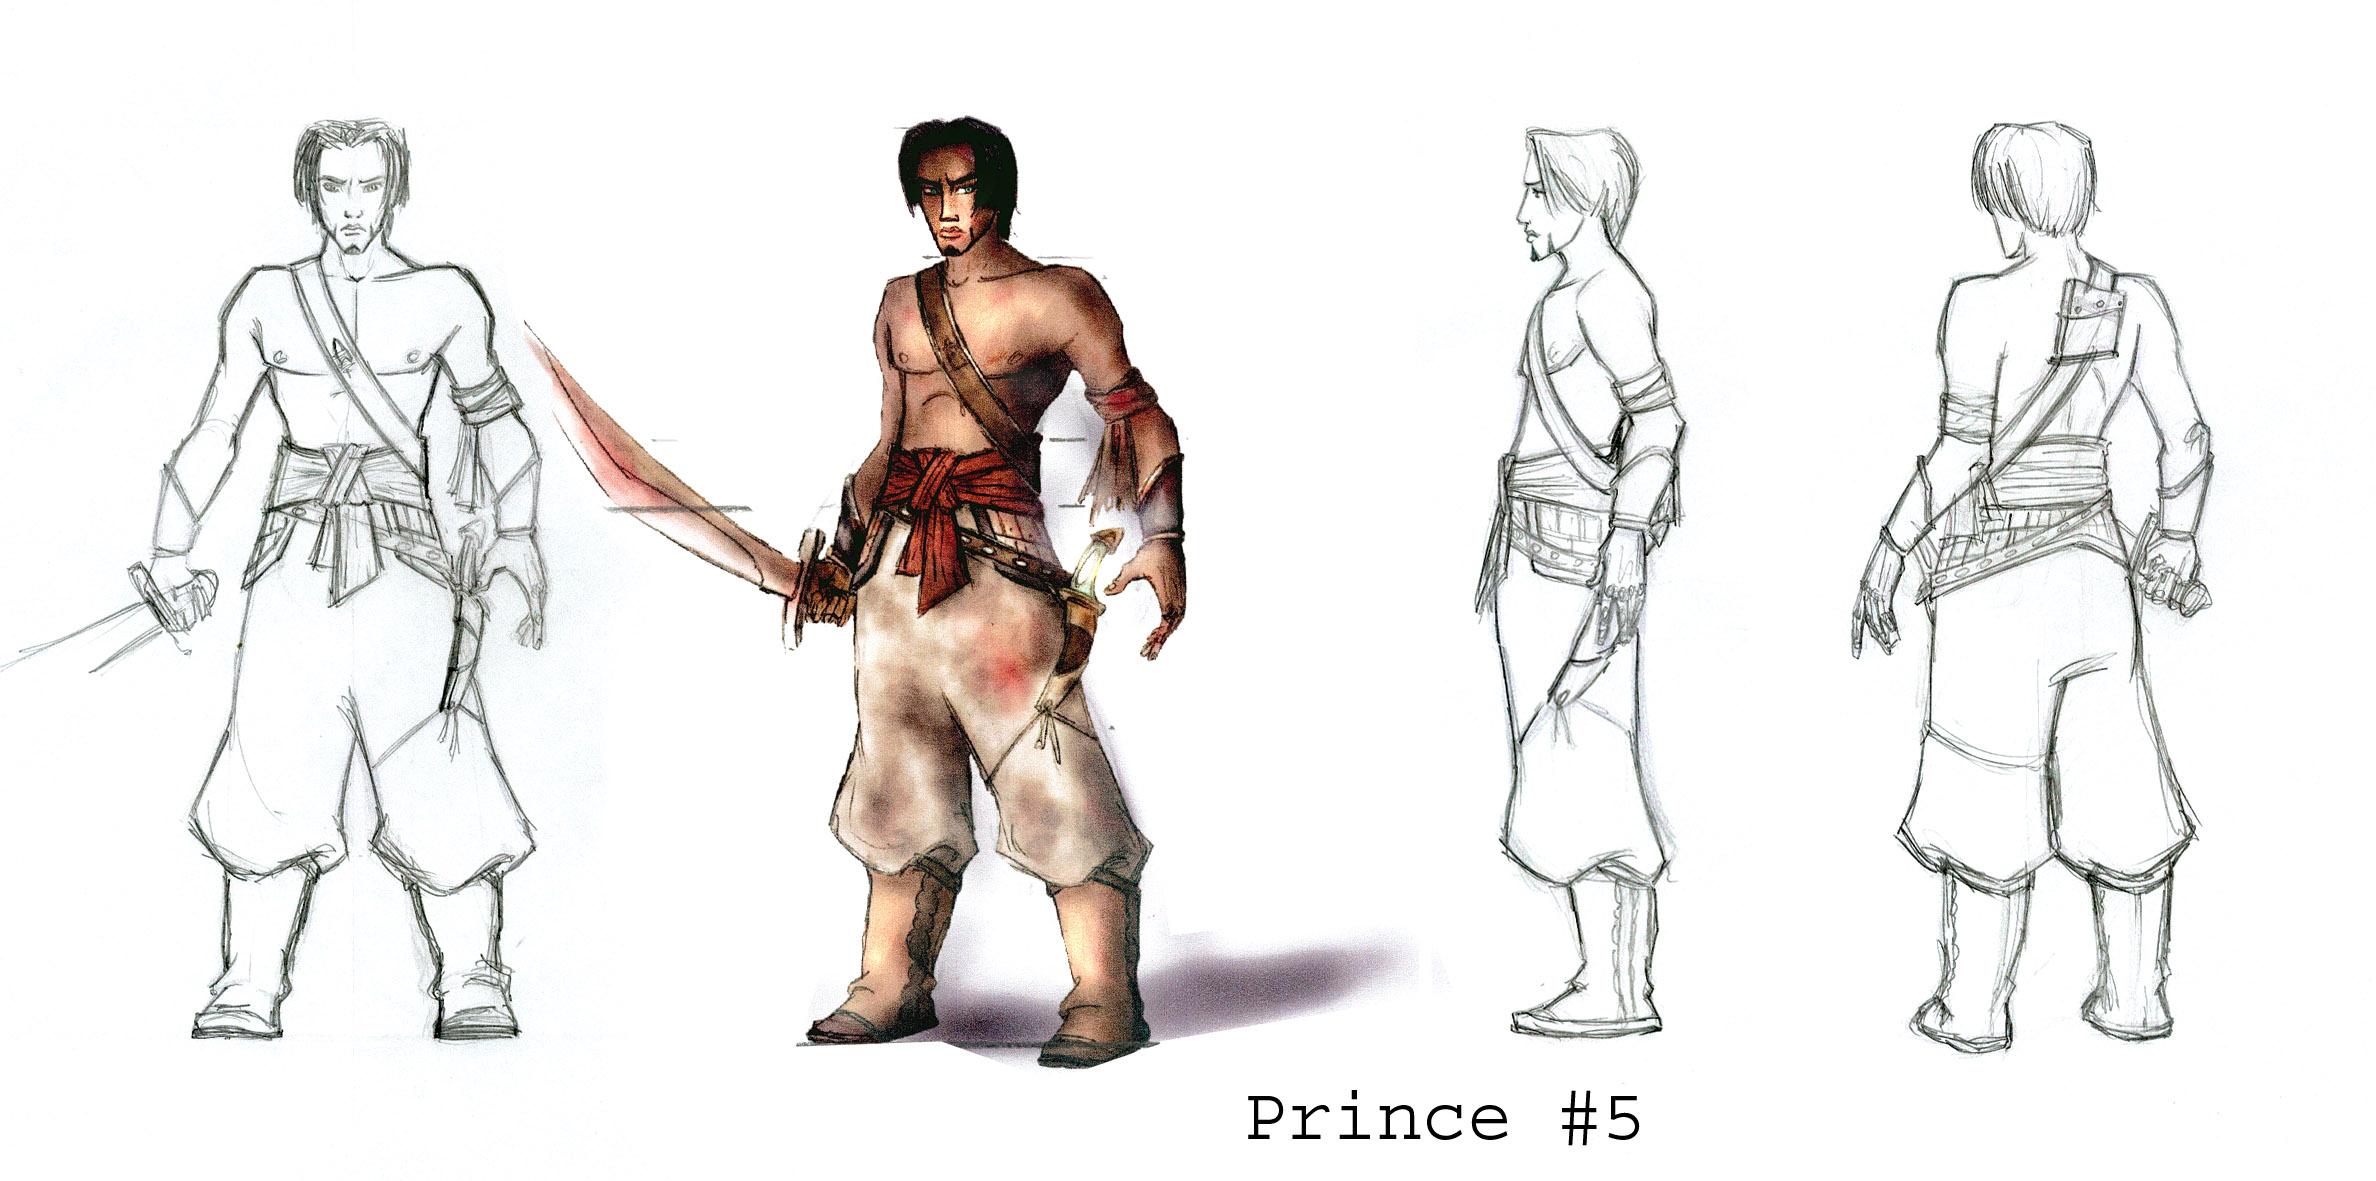 Prince of persia hentai galleri exposed photos